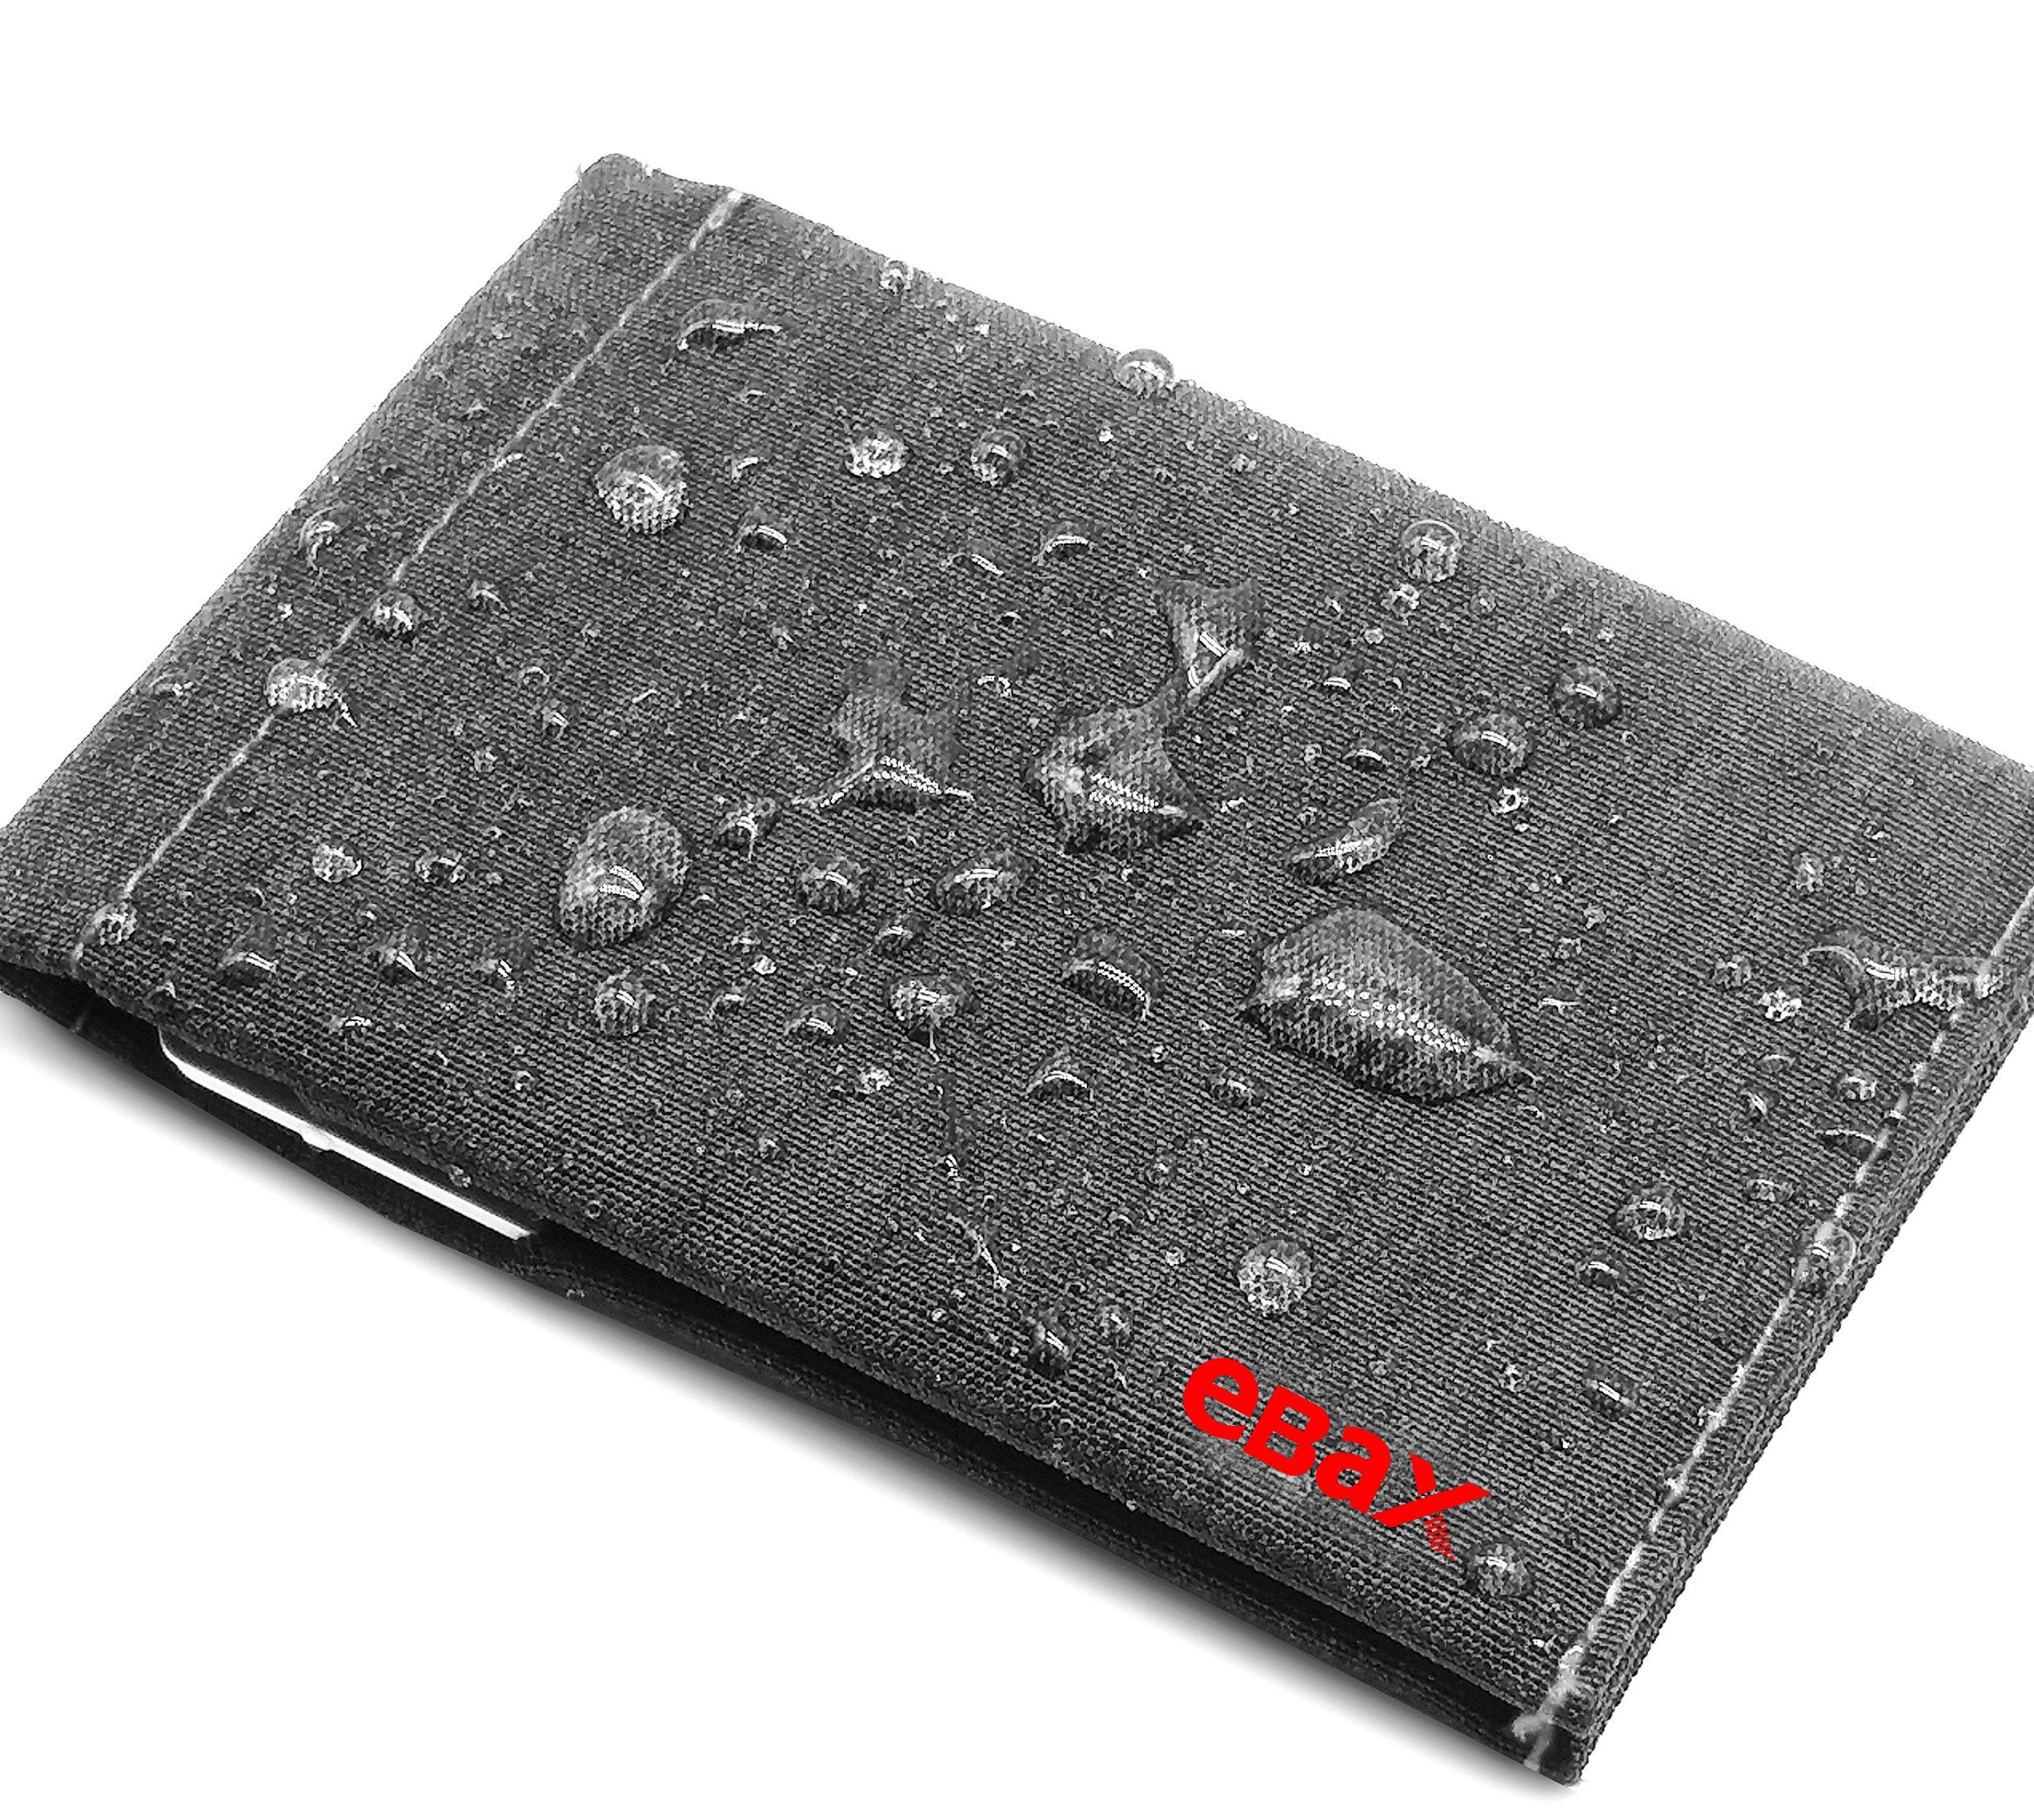 Ebax Mens Bifold Minimalist Slim Front Pocket Wallet